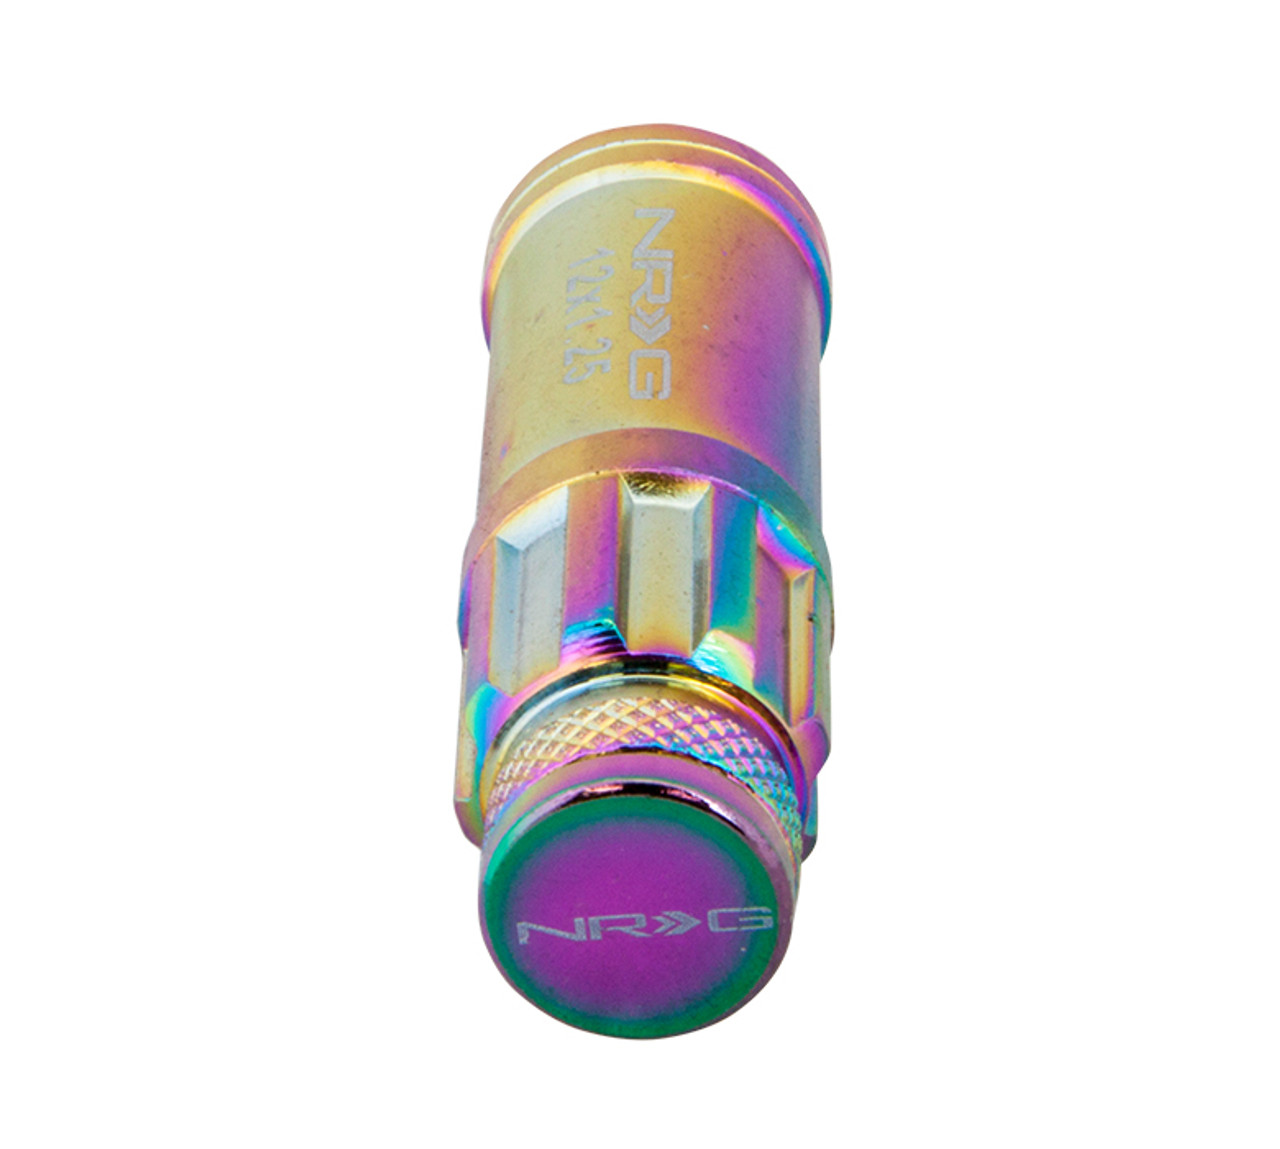 NRG Lug Nut Set 12 x 1.25 (Open End / NeoChrome)